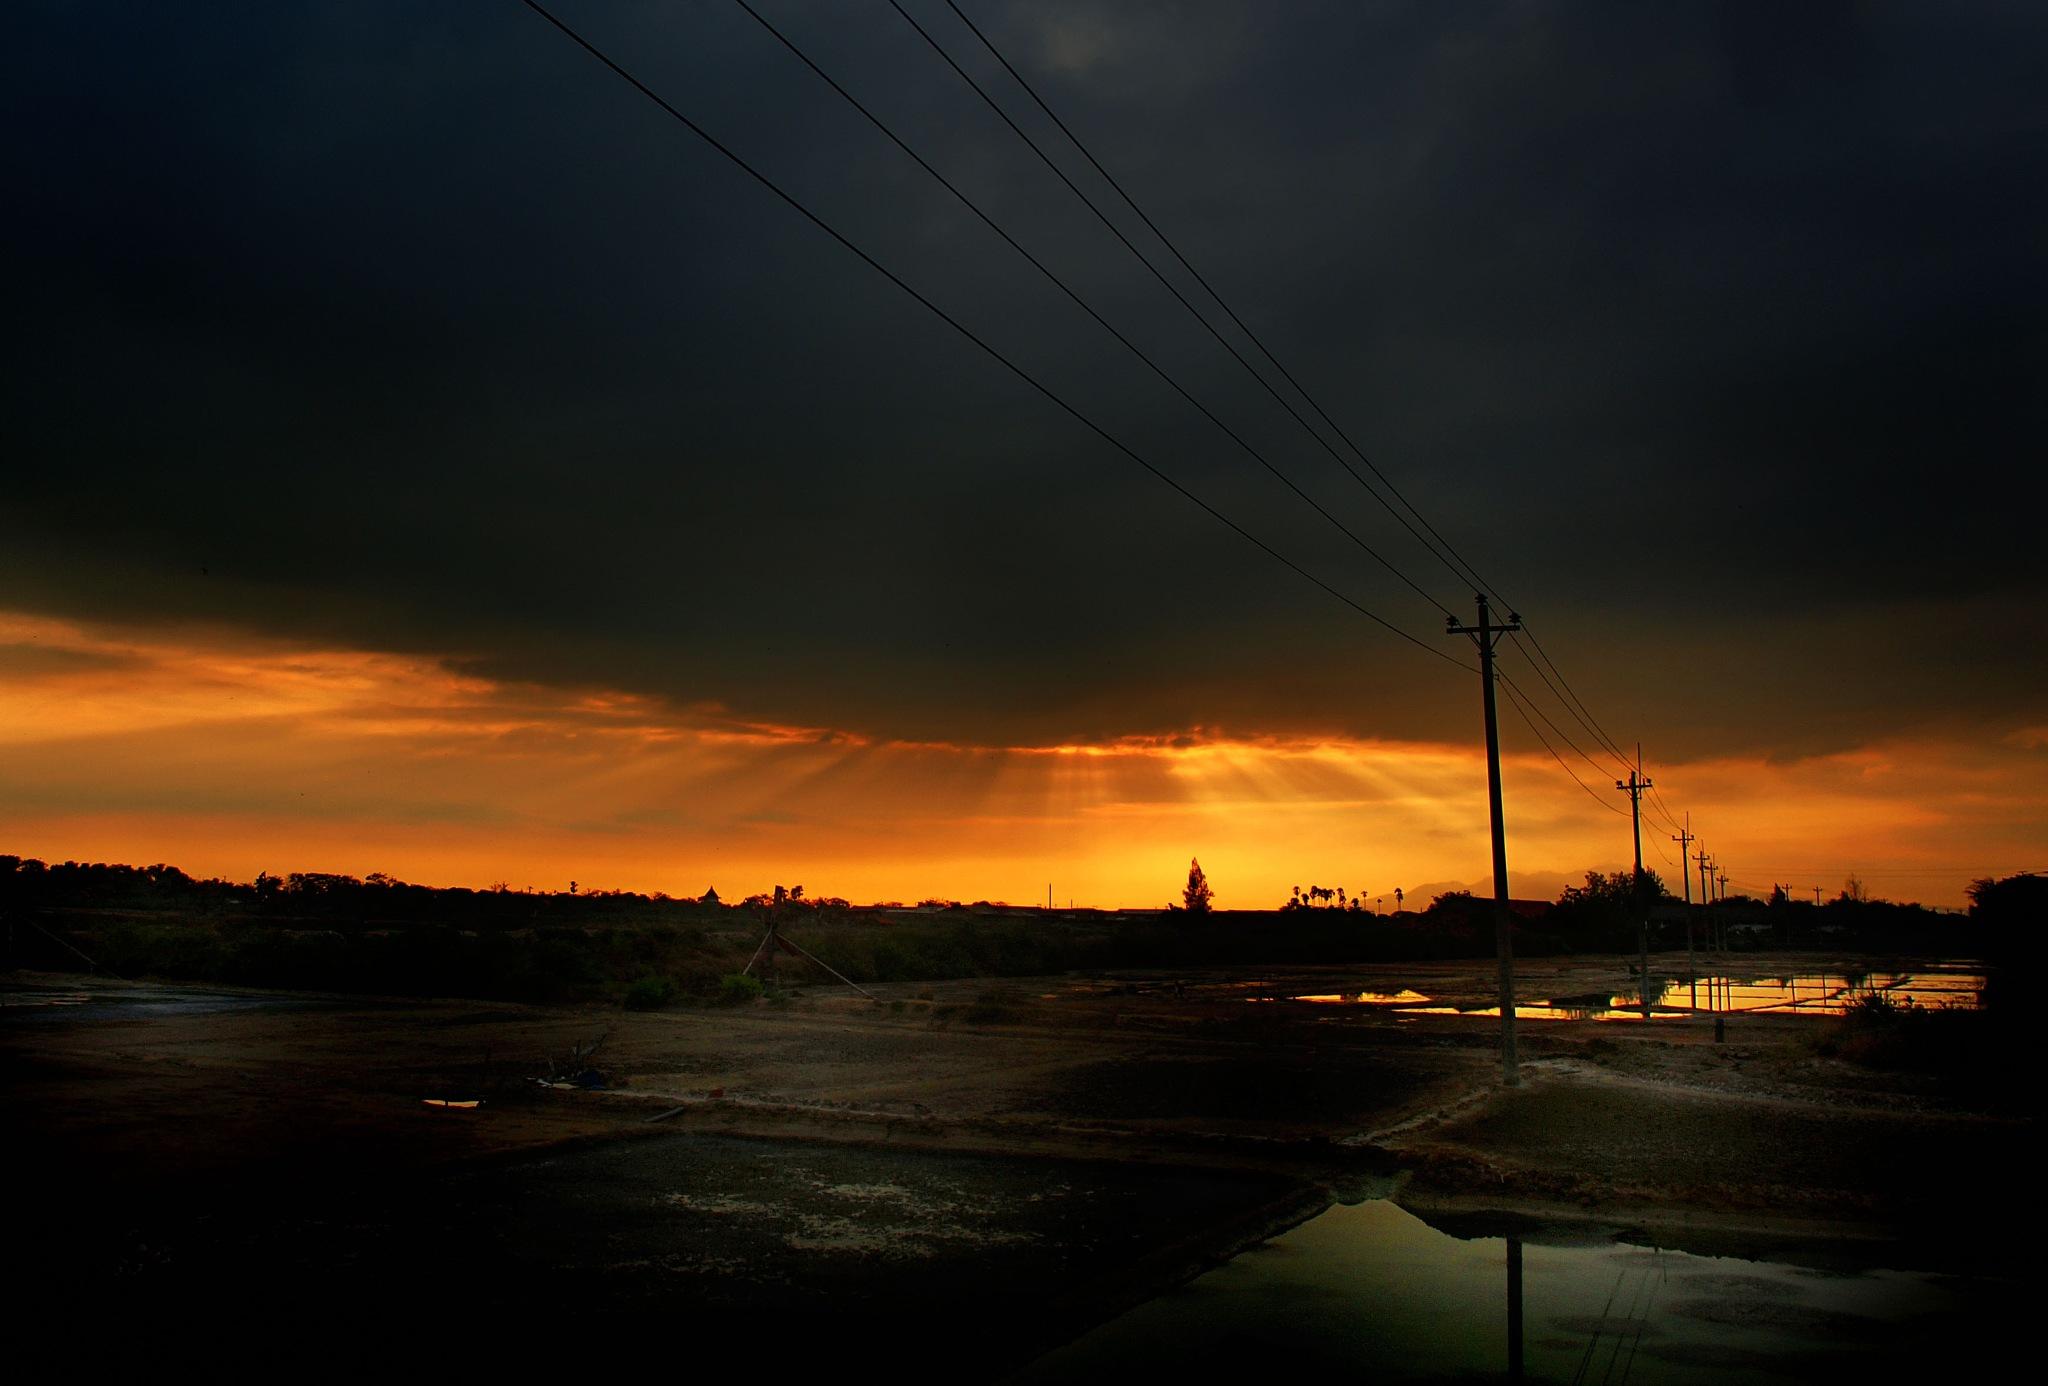 sunset by banyugeni154